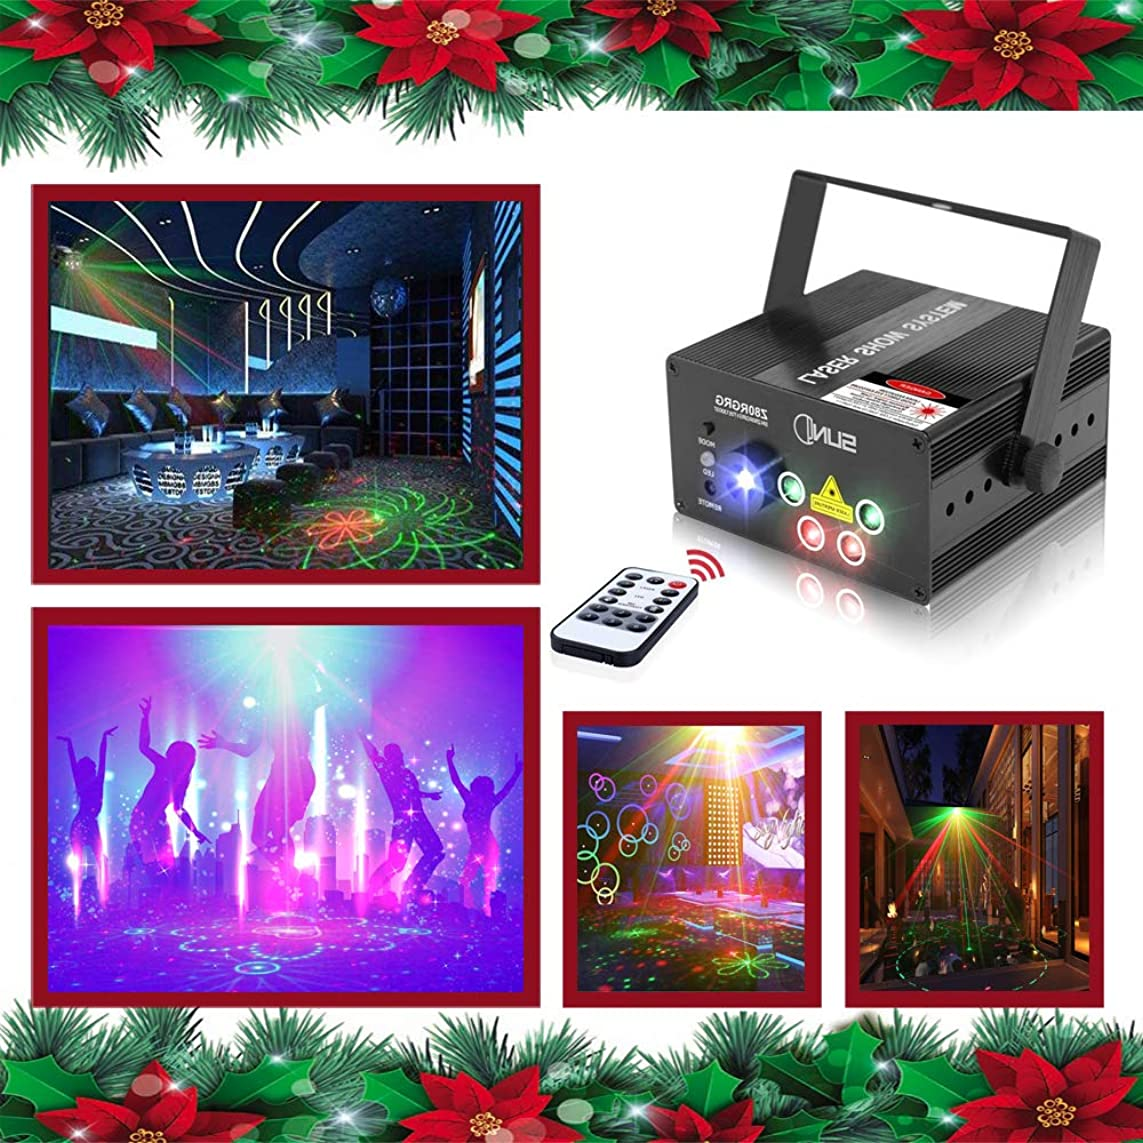 マーガレットミッチェルヒステリックグリースE-electric レーザービーム レーザーステージ ライト RG+RG+B(LED)三色 レーザービーム 5シーン80モード 舞台照明 レーザー演出 レーザーライト / レーザープロジェクタ ステージライト / ディスコ / 舞台 / 演出 / 照明 / スポットライト(Z80RGRG)